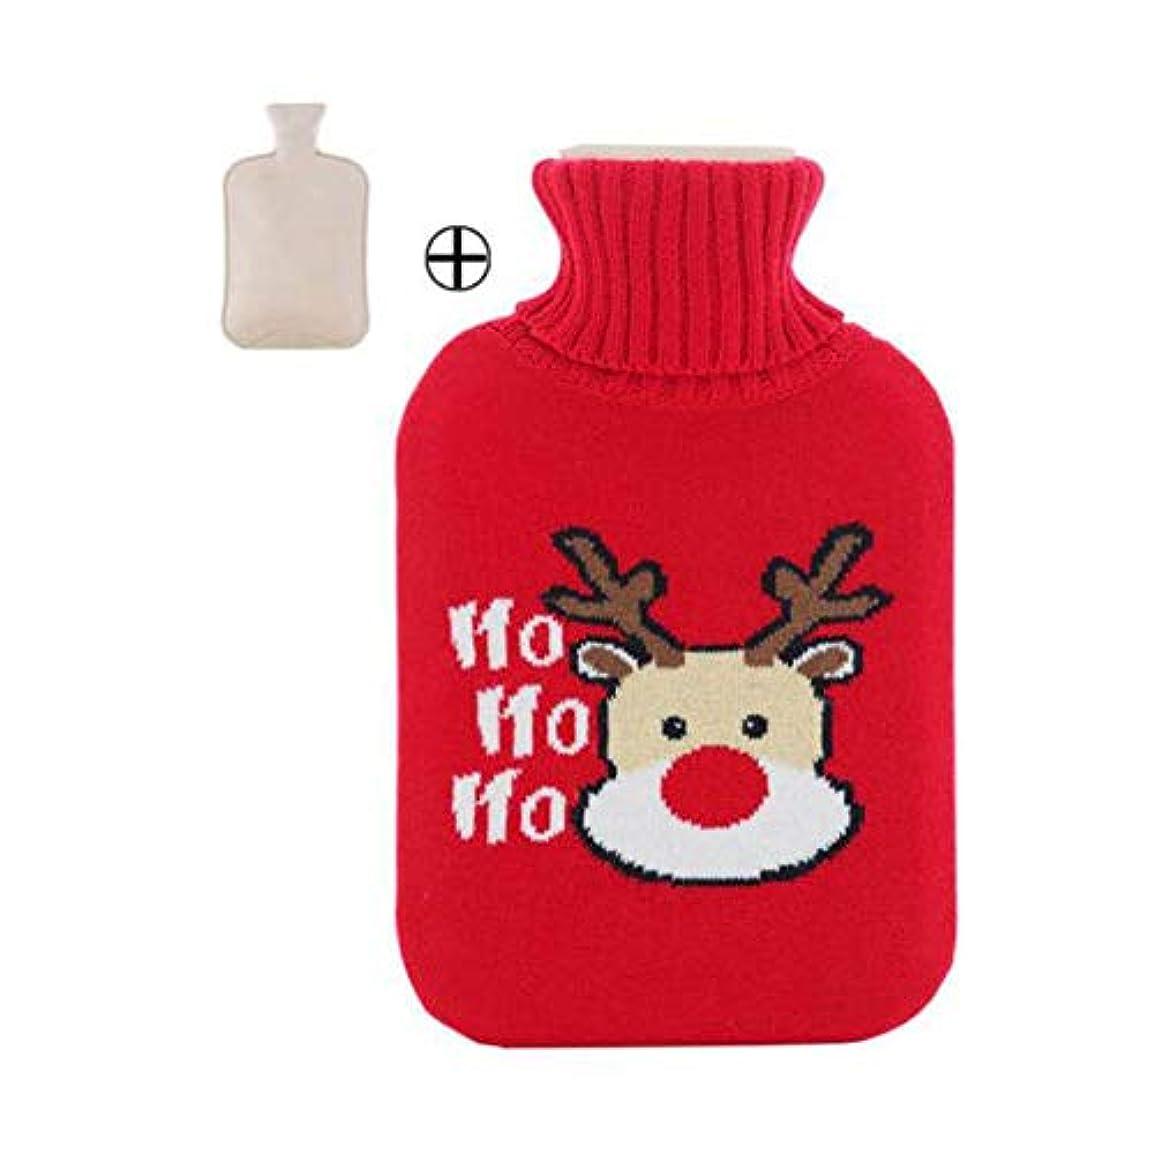 スカープロードハウスパワーホットウォーターボトル大温かいクリスマススタイルのウォーターボトル2L